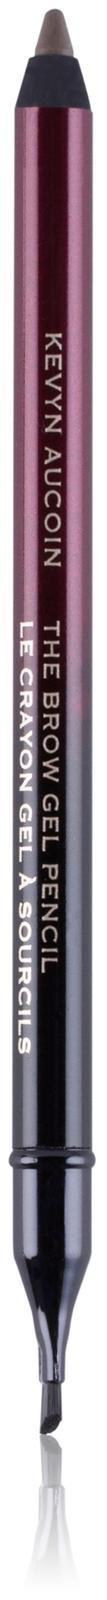 Kevyn Aucoin The Brow Gel Pencil